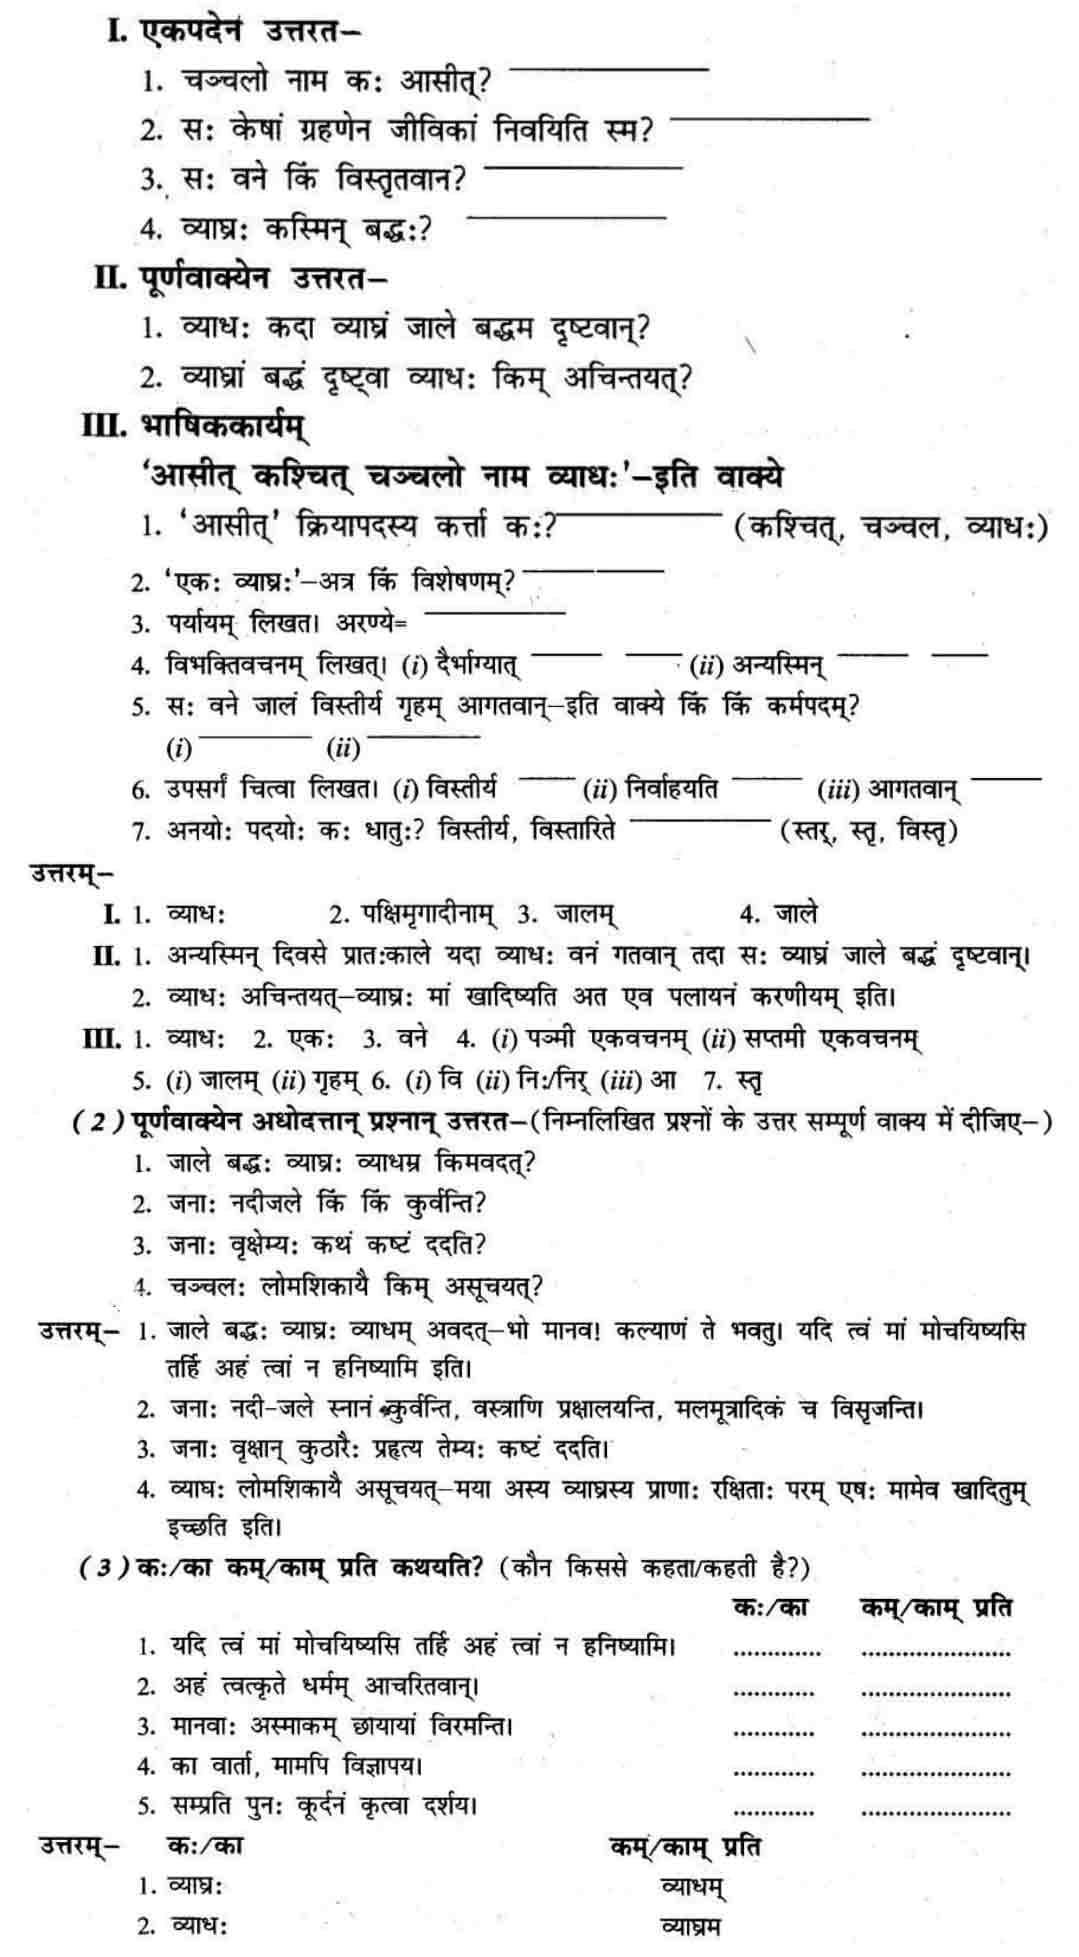 NCERT Solutions For Class 8 Sanskrit Chapter 5